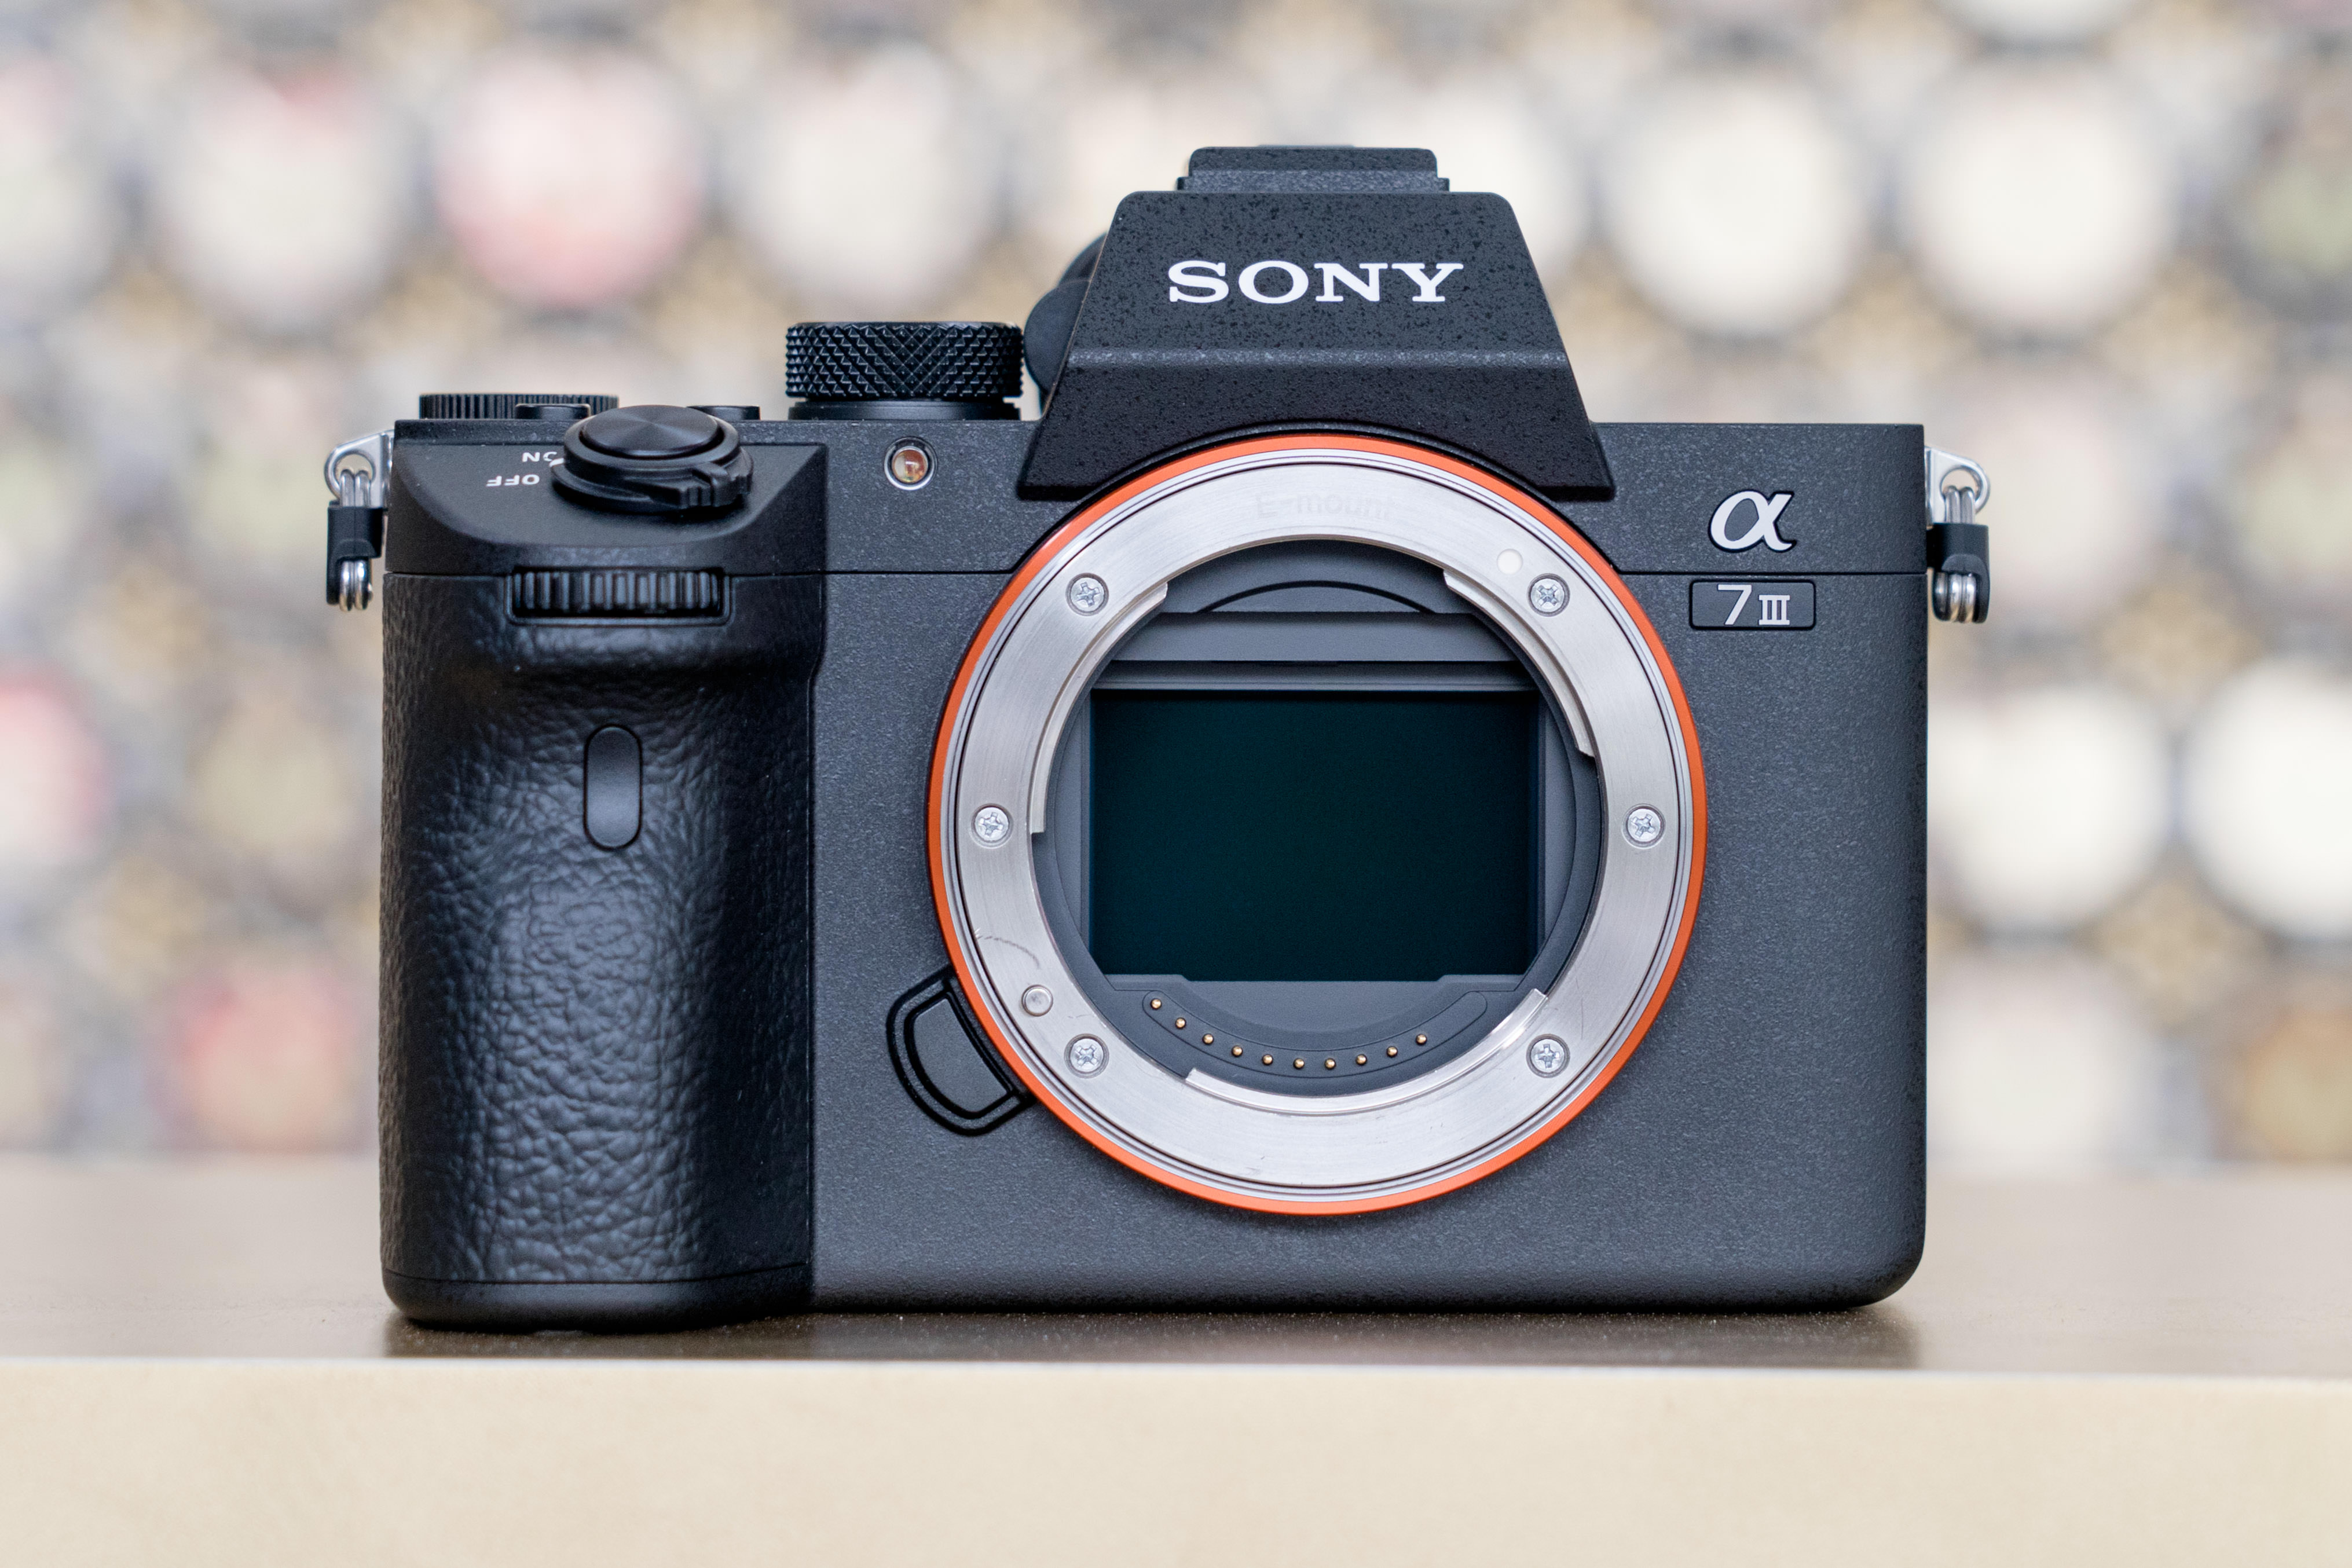 Обзор sony a7 iii - тест беззеркальной камеры на prophotos.ru